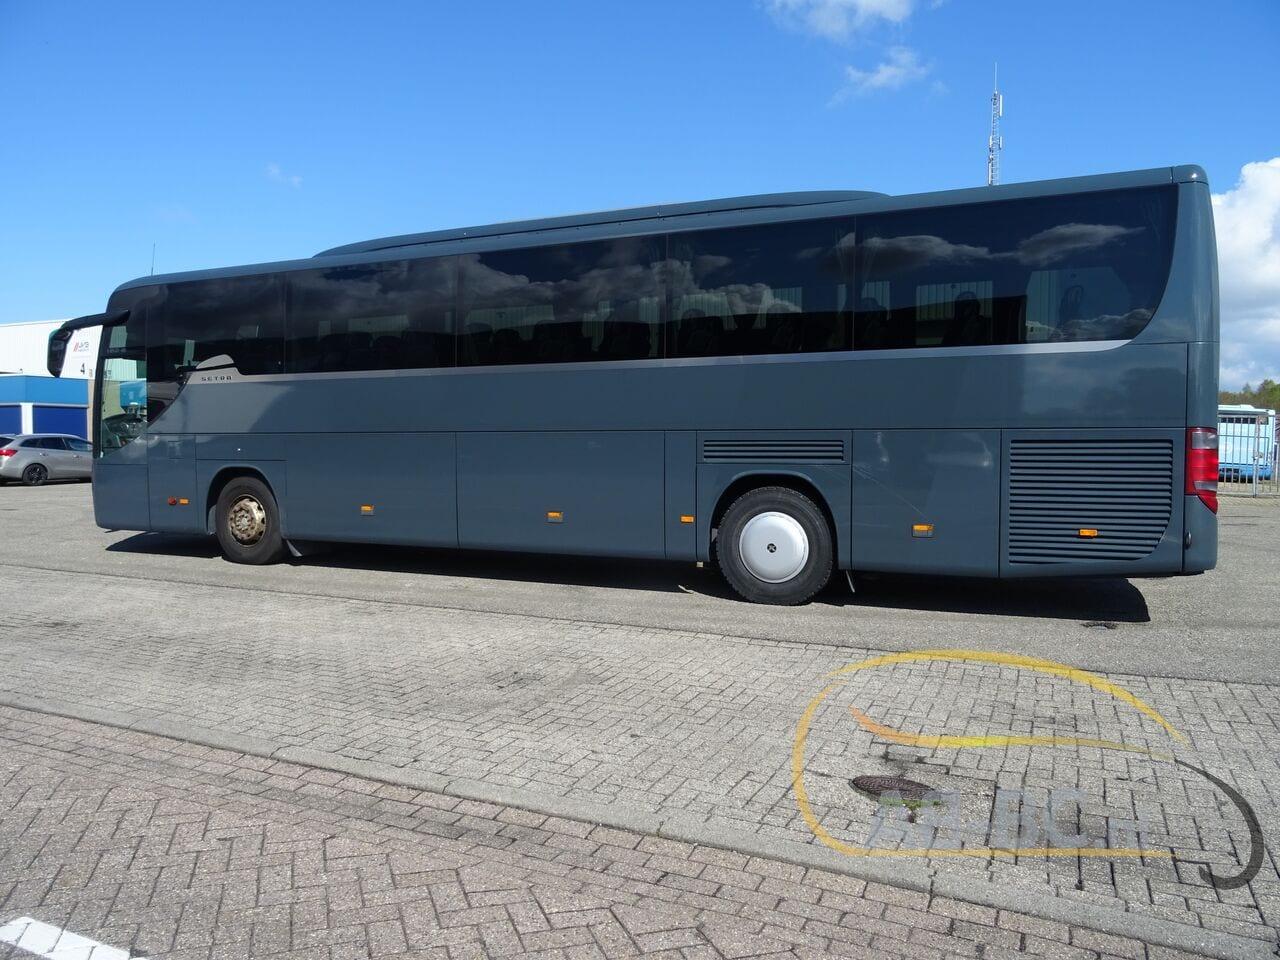 coach-busSETRA-S415-GT-HD-FINAL-EDITION-51-SEATS-LIFTBUS---1620381868136535897_big_d4f4698d36e17ac233e1dfec5de33493--21050713010665719300